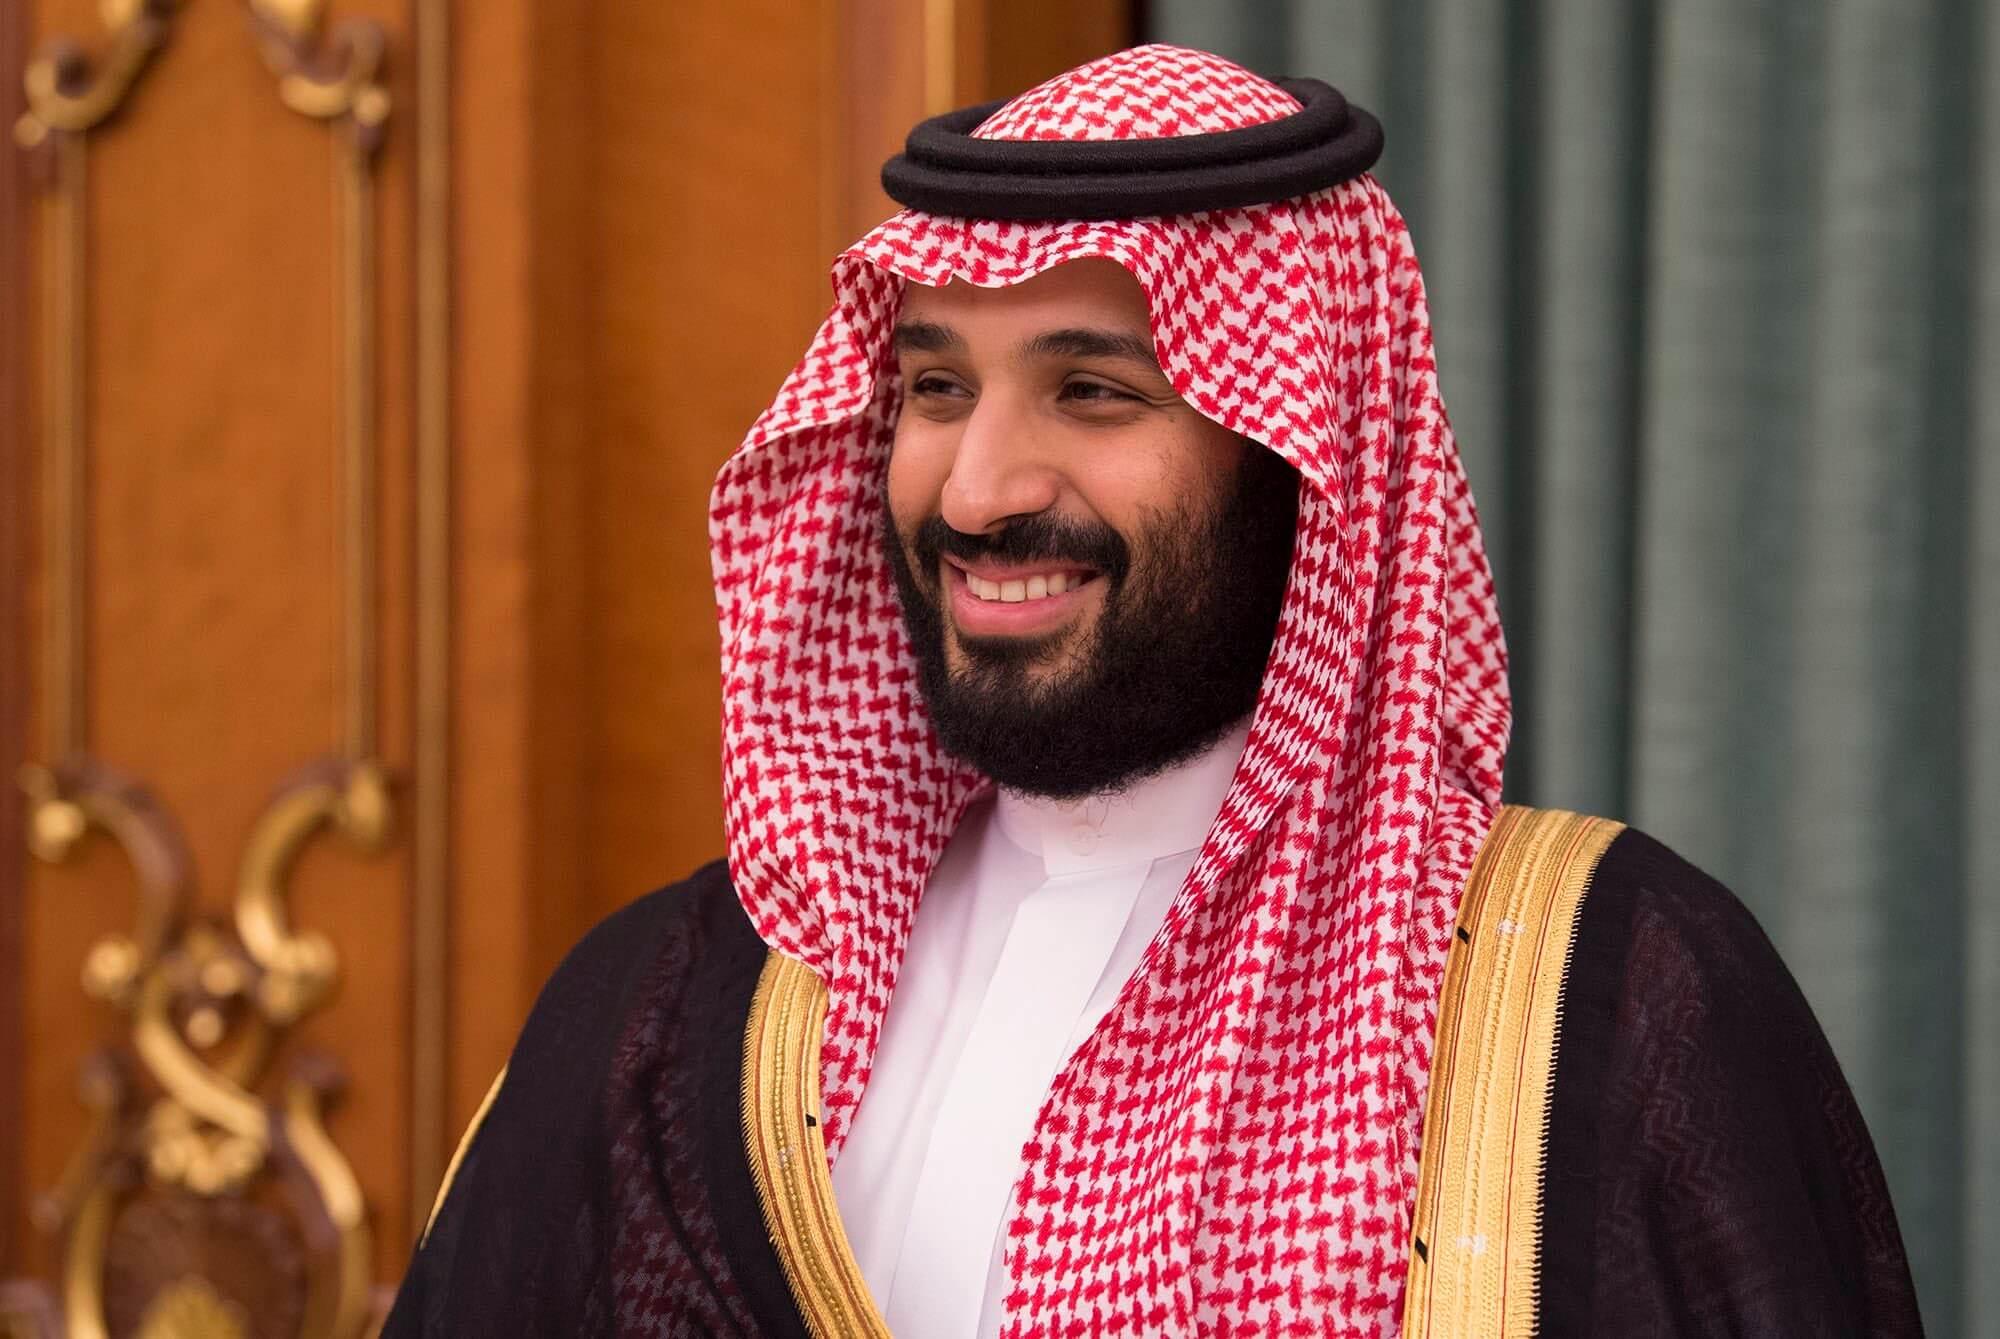 في ذكرى بيعته الأولى.. هذا هو الأمير محمد بن سلمان | صحيفة ...